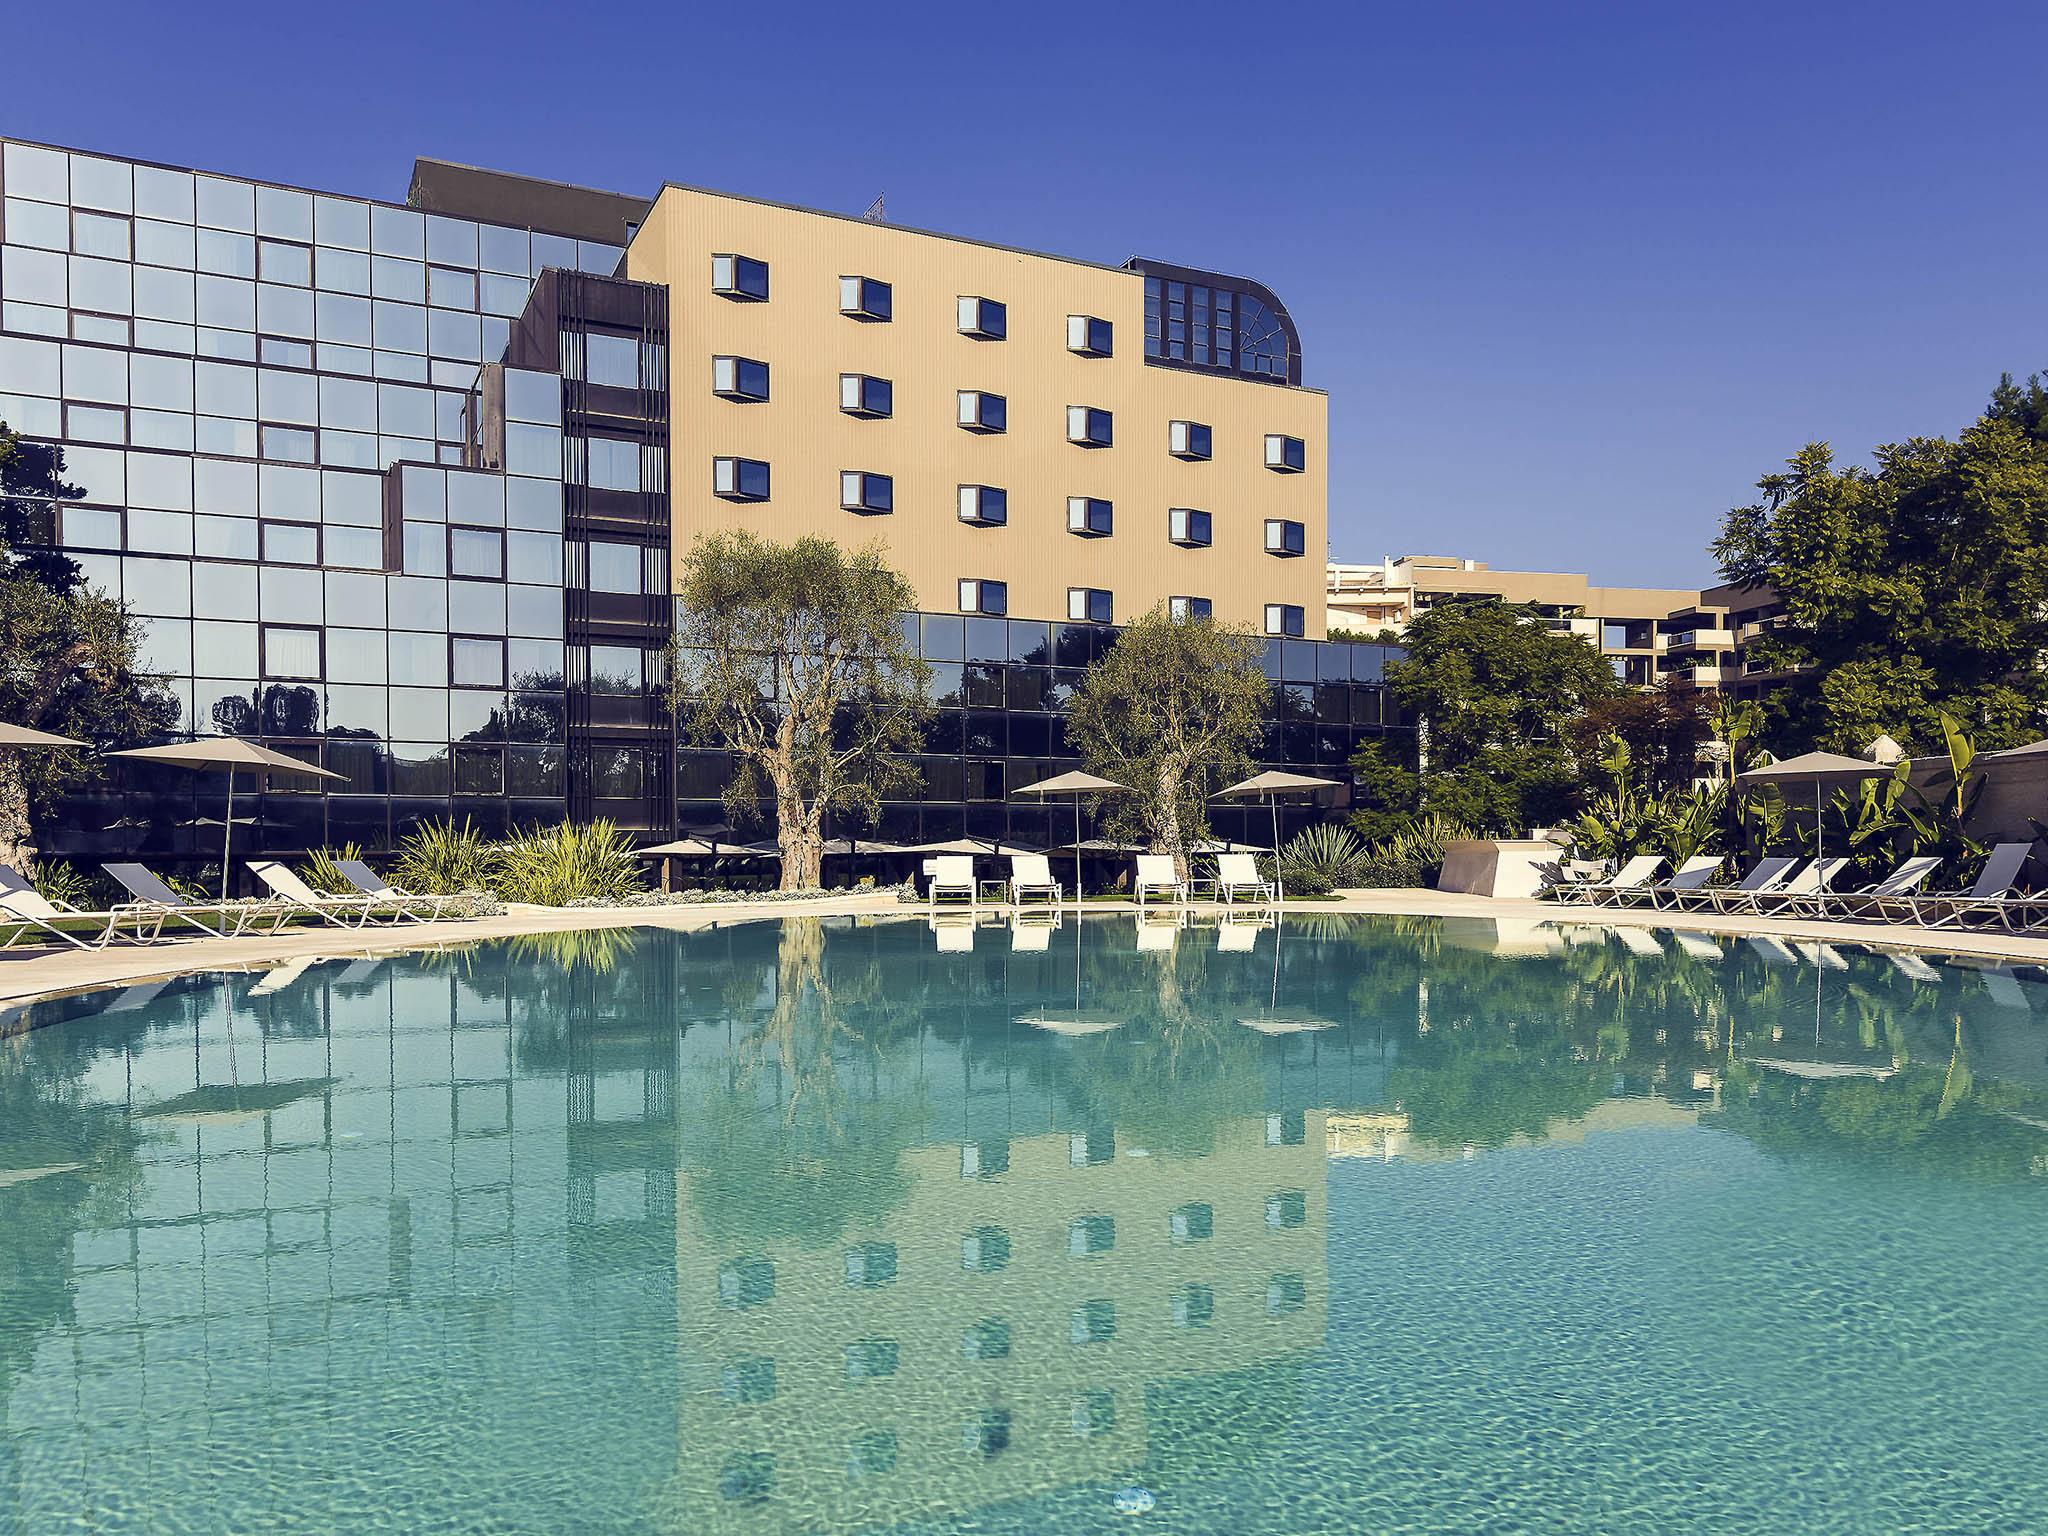 Hotel Mercure Villa Romanazzi Carducci Bari